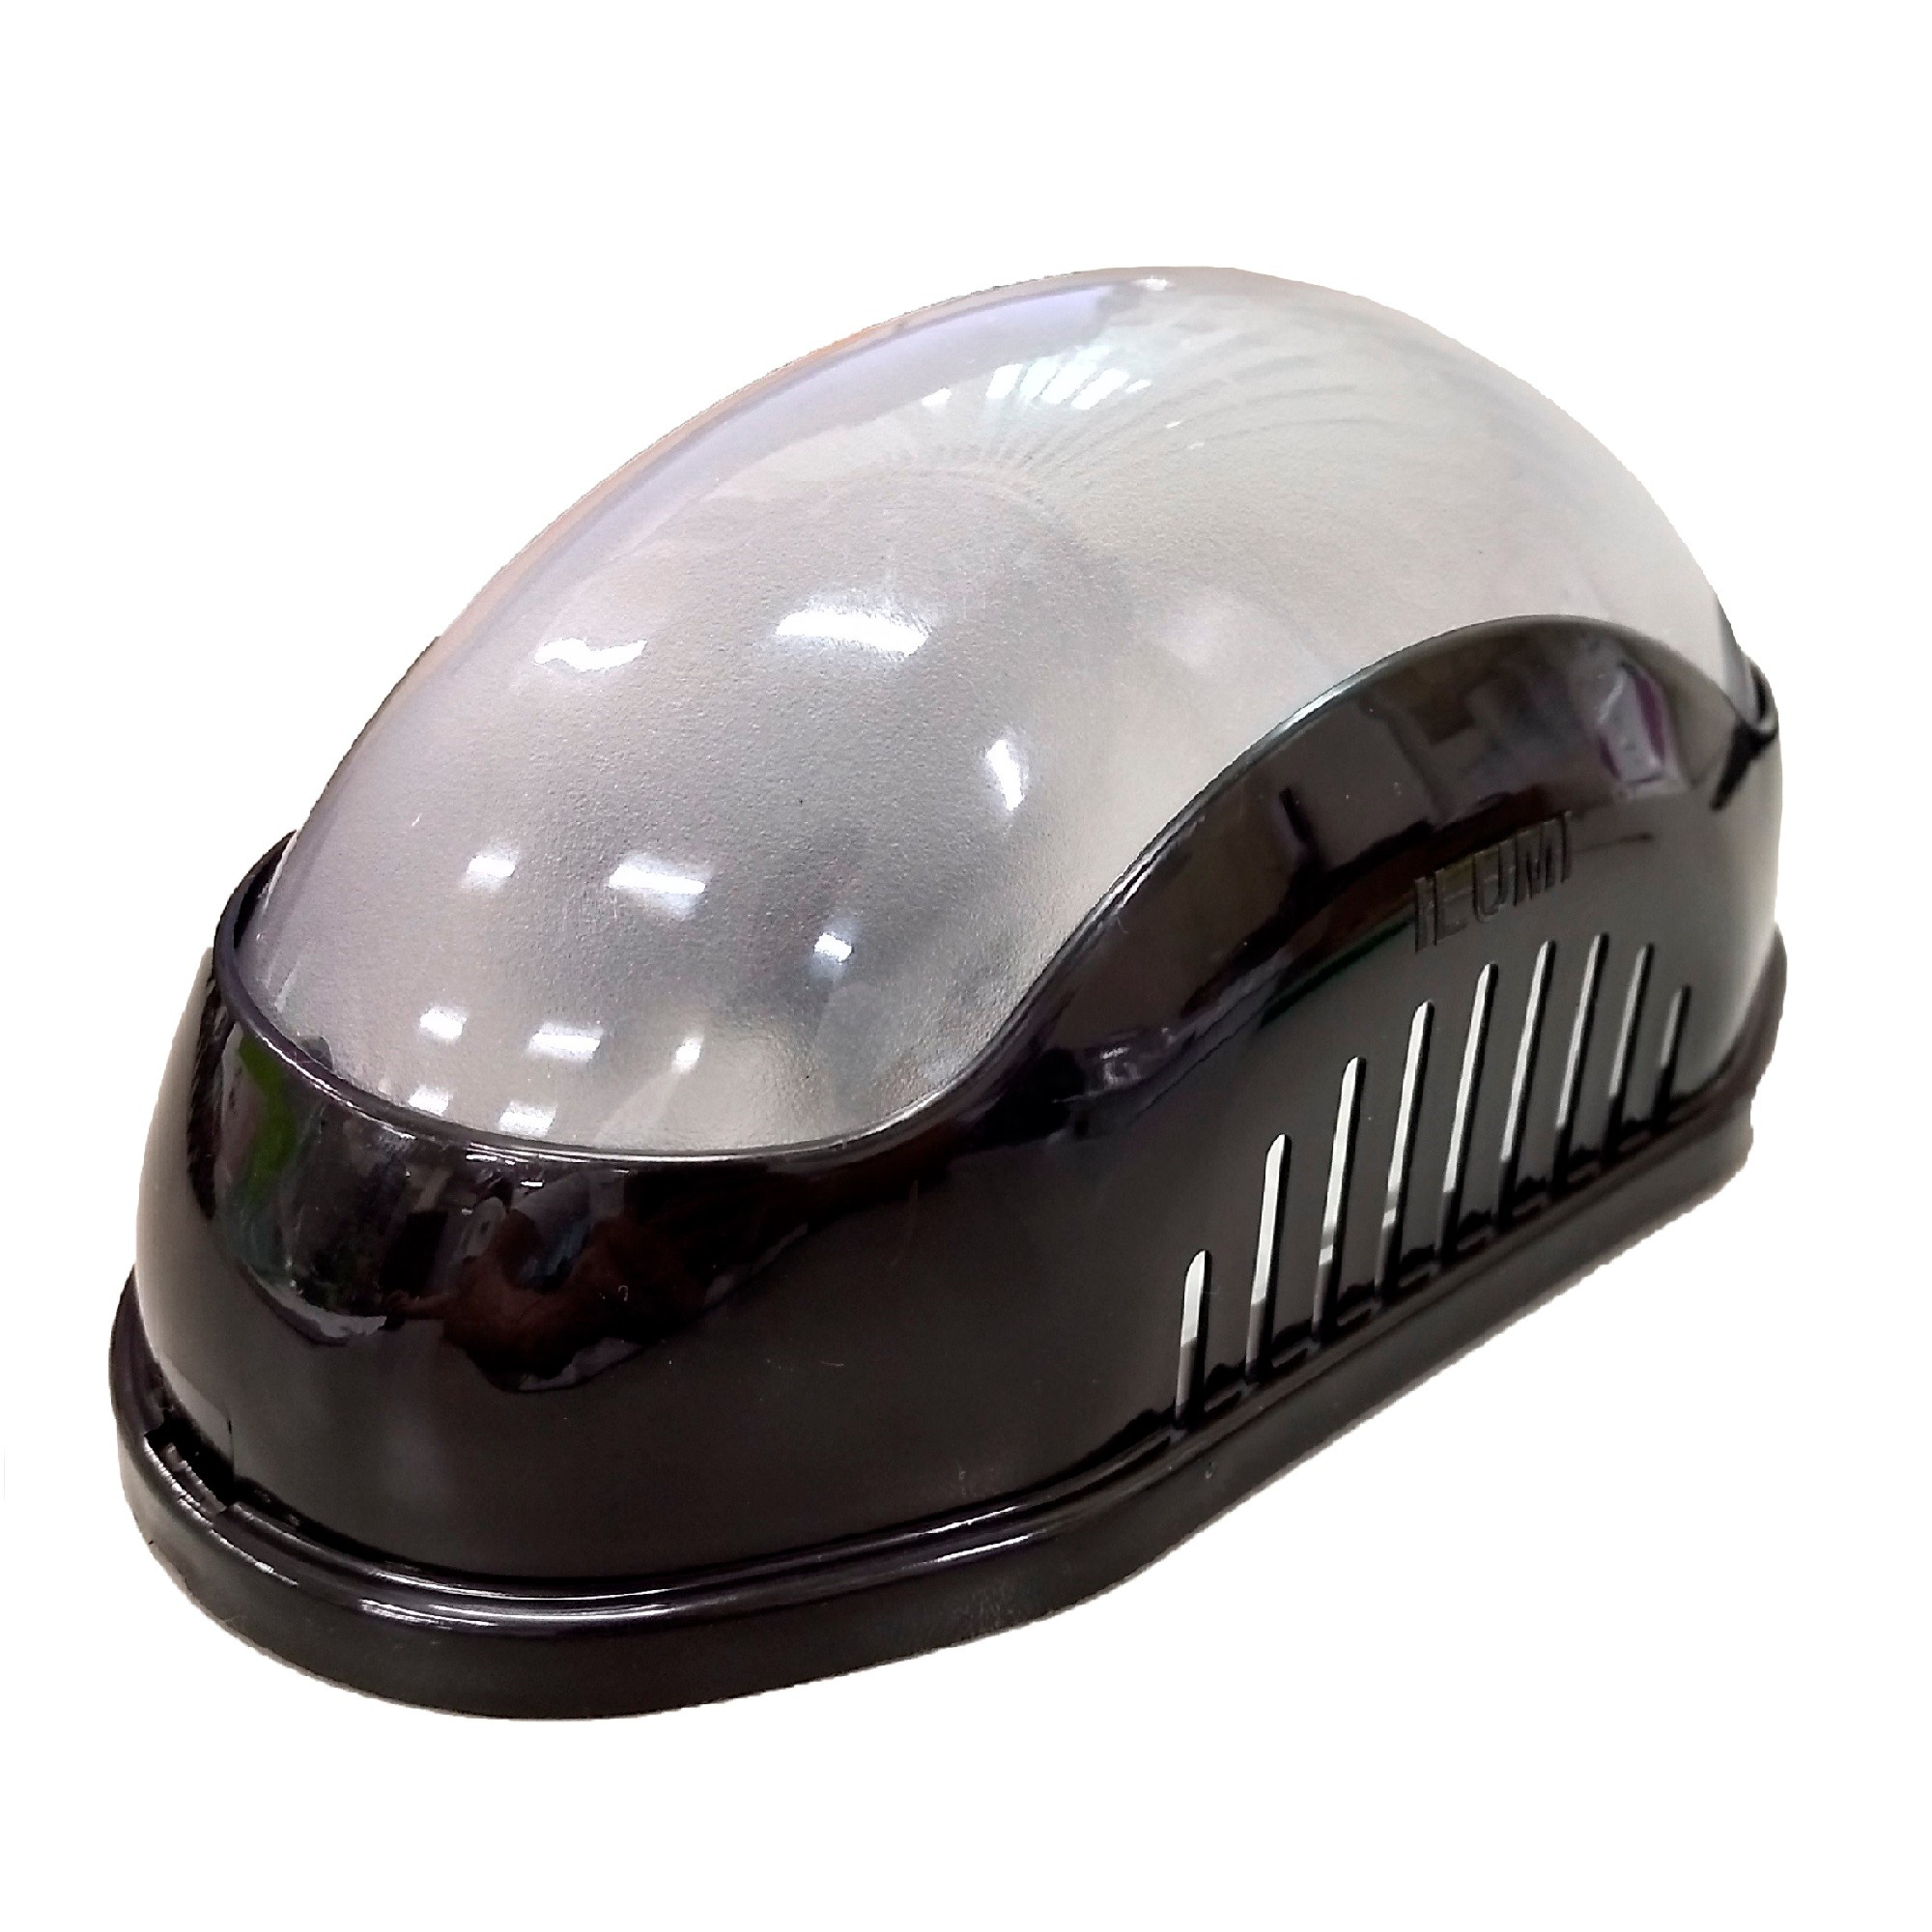 Luminaria de Sobrepor Plastico Polipropileno e Visor em Policarbonato 25W Preta - Ilumi